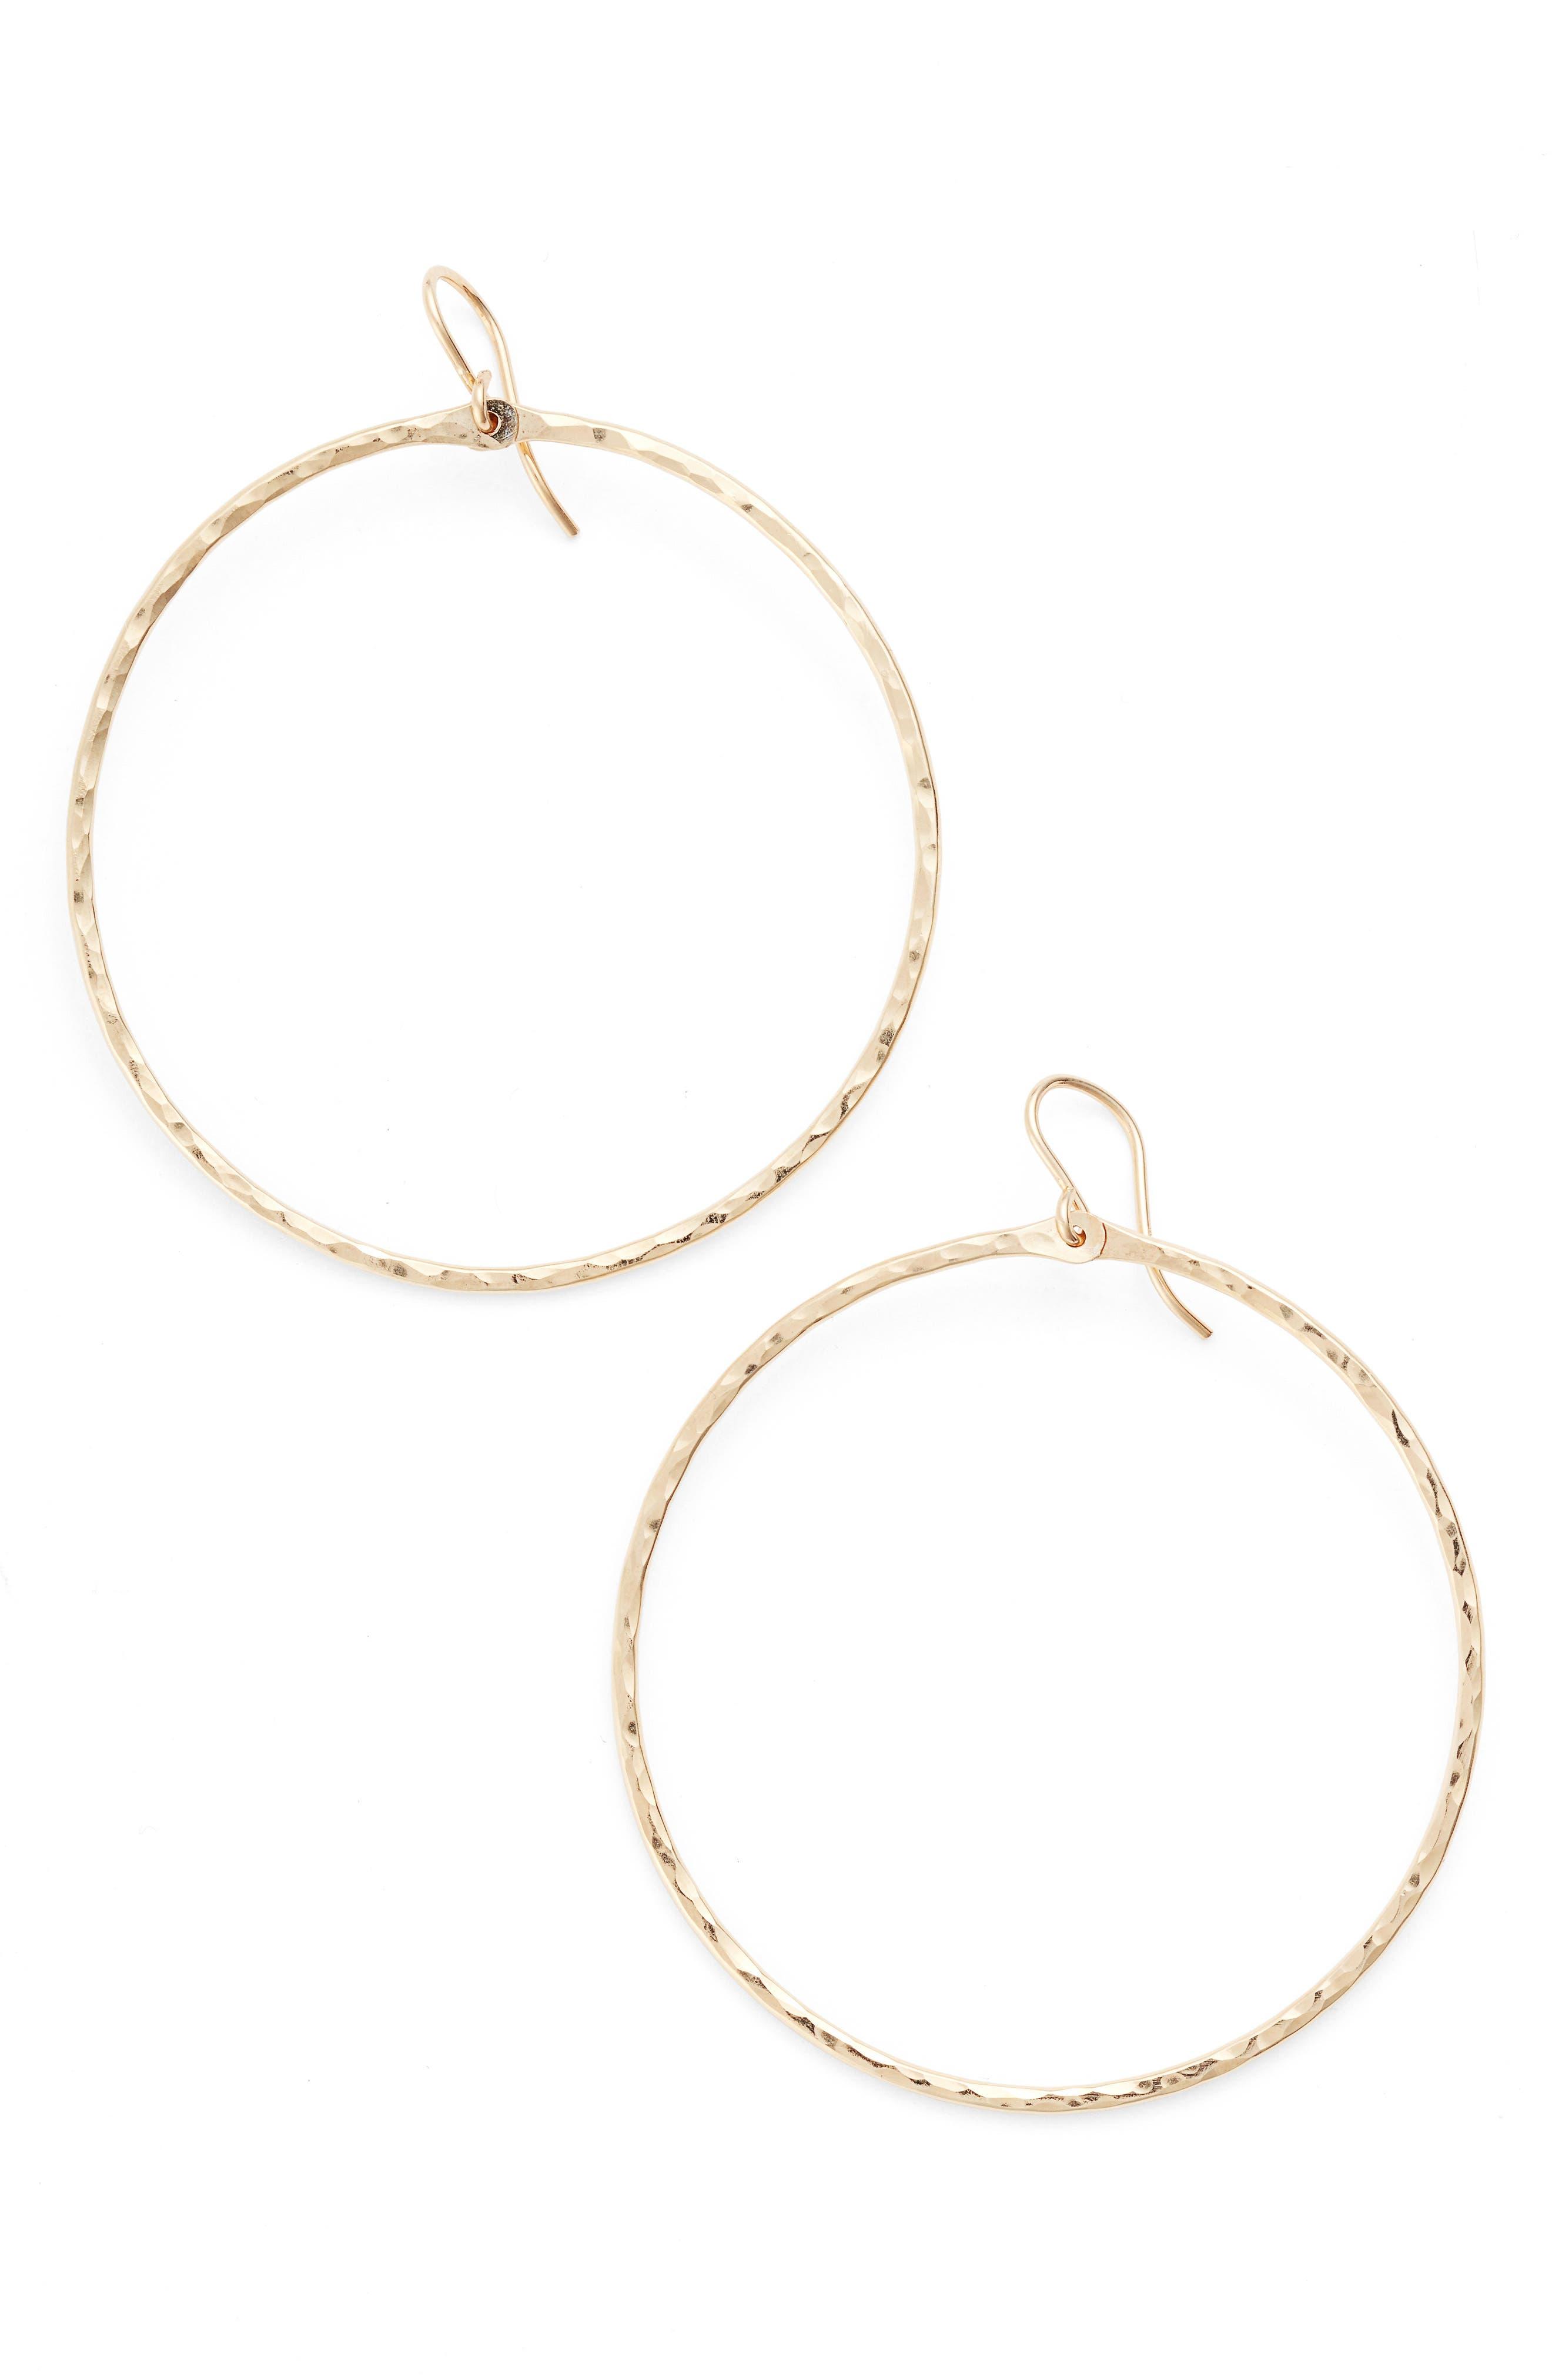 Nashelle Hammered Hoop Earrings